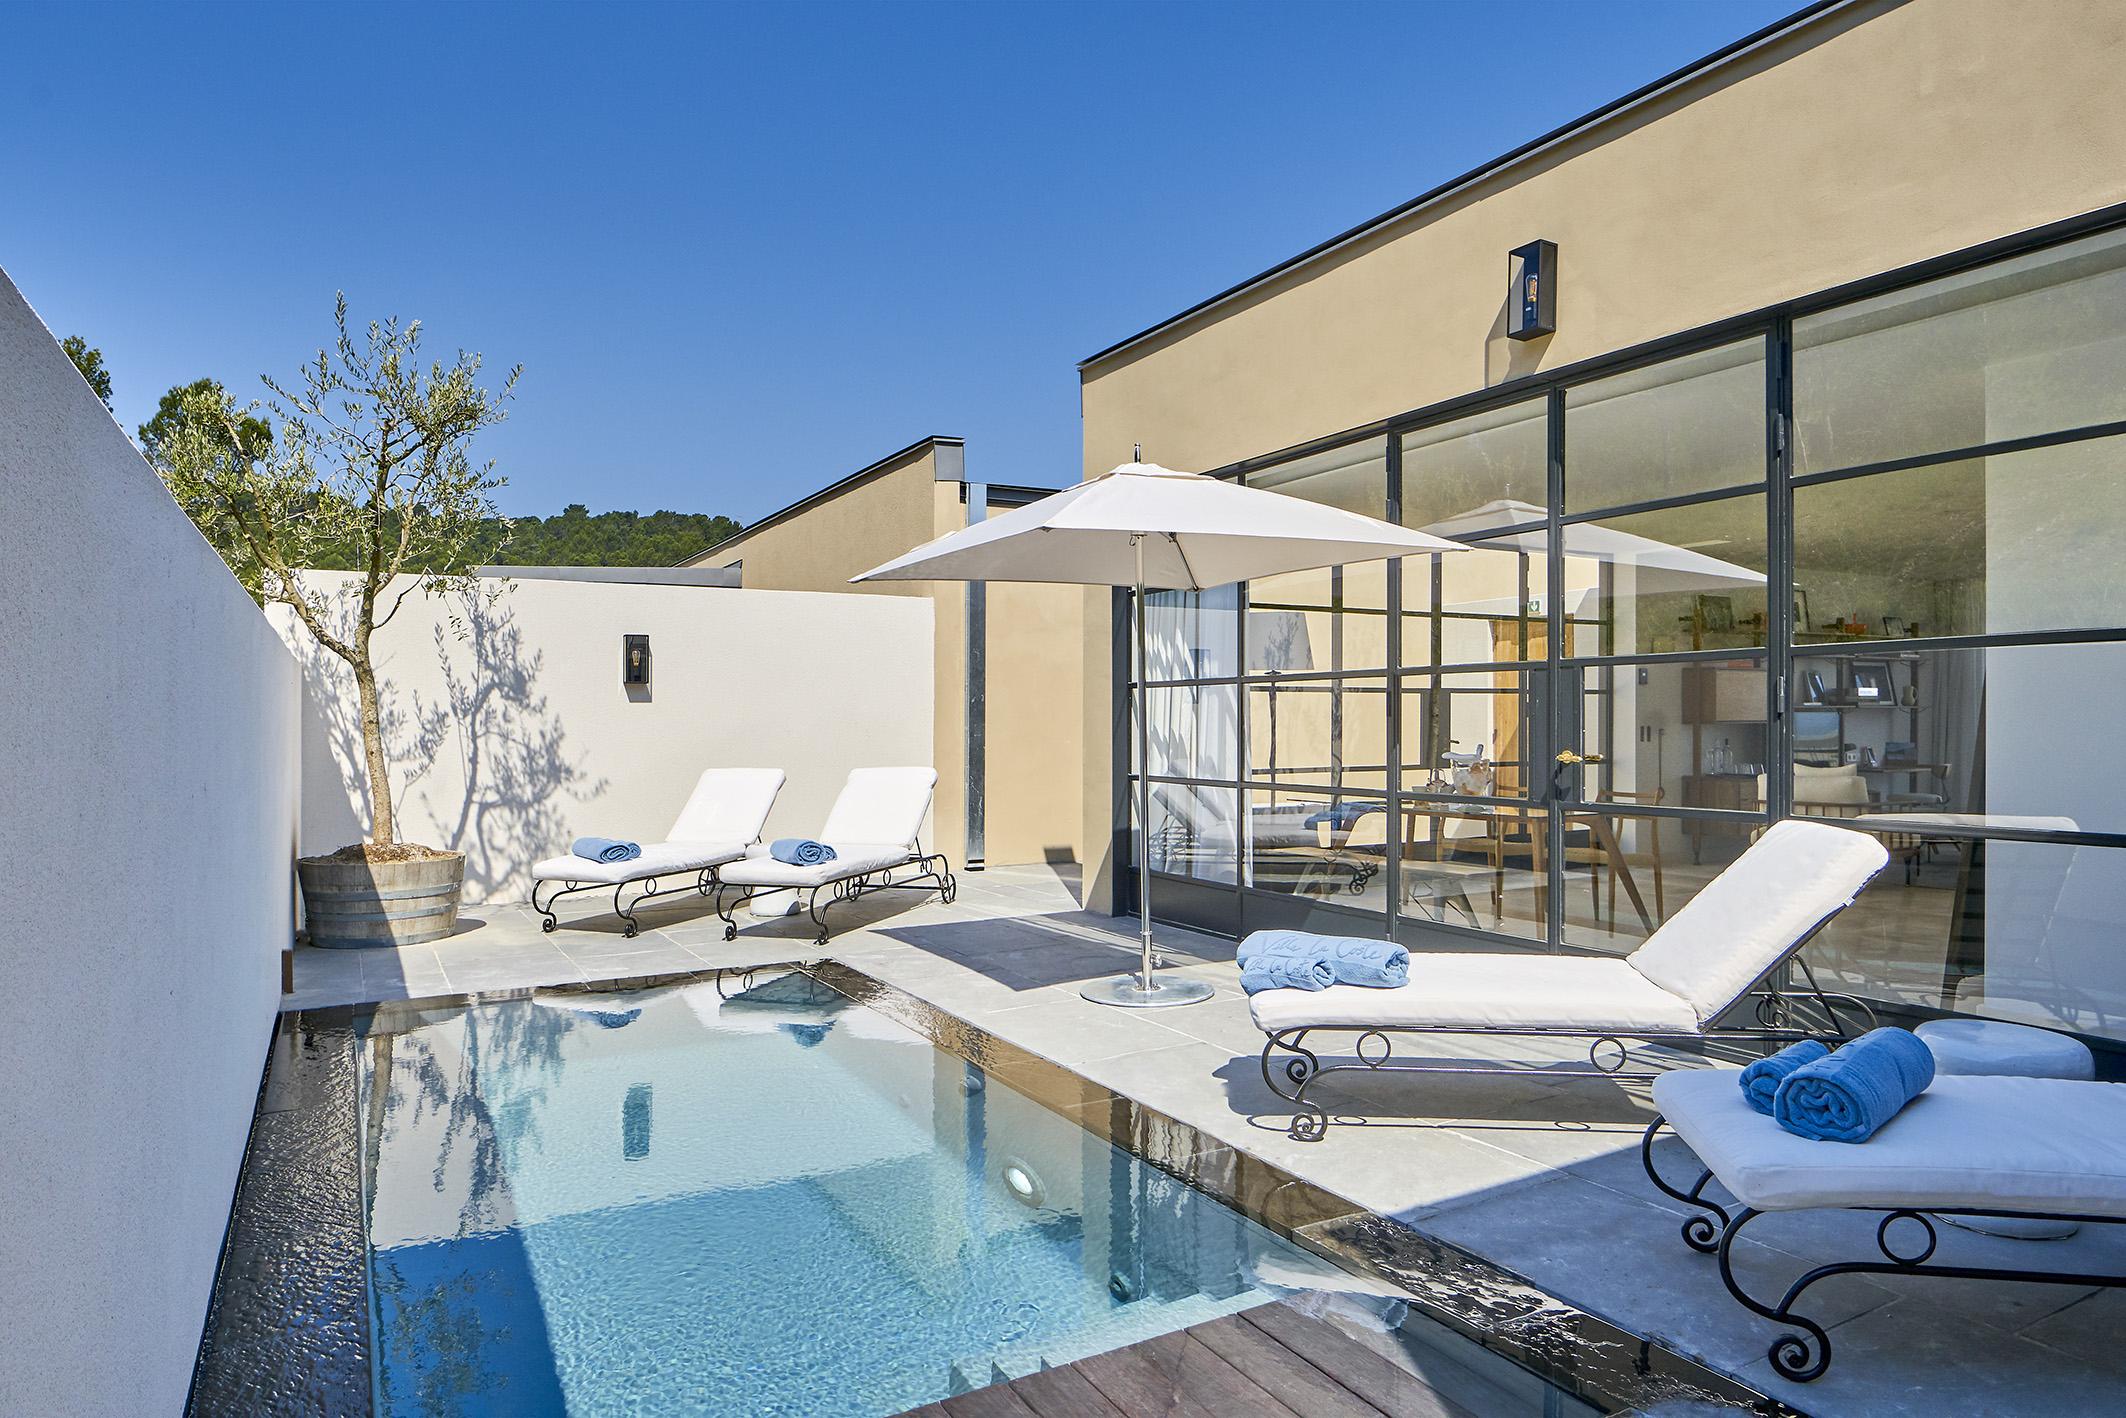 Suite De Luxe En Provence Avec Piscine Privée | Hotêl Villa ... destiné Hotel Piscine Privée France